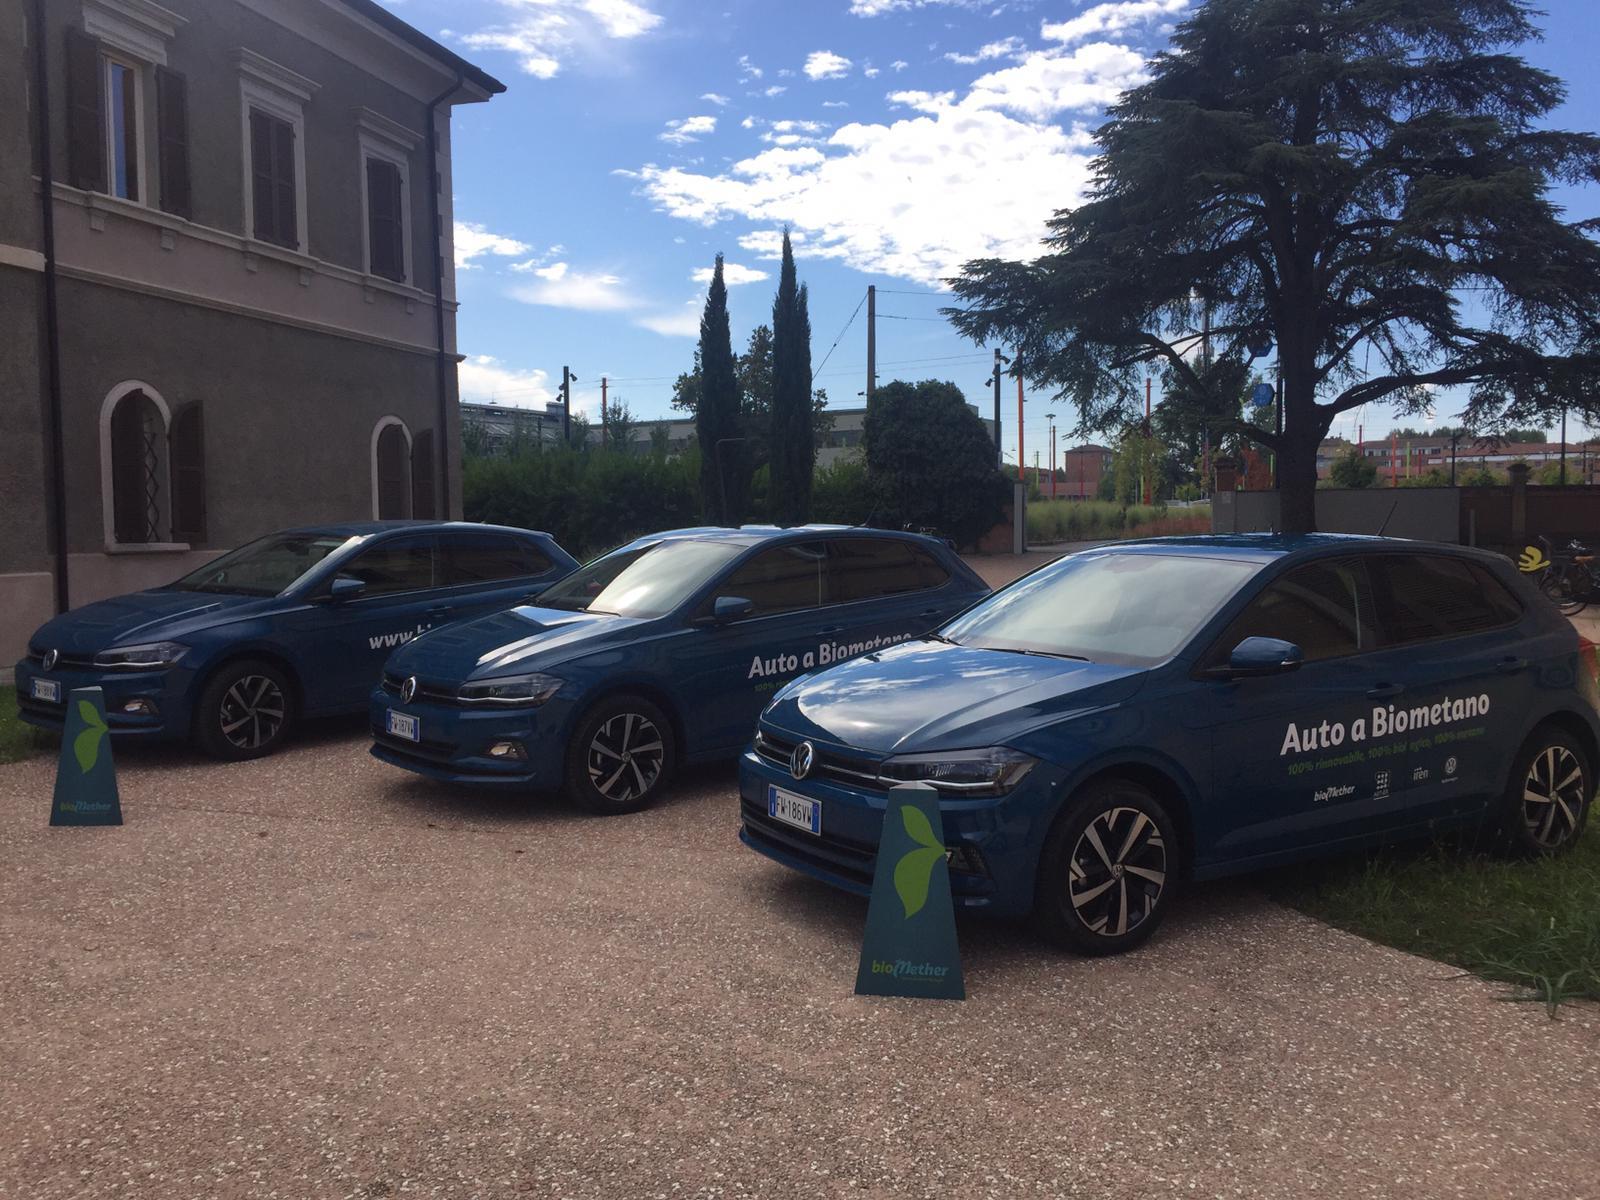 Le Volkswagen Polo vanno a biometano da fanghi di depurazione